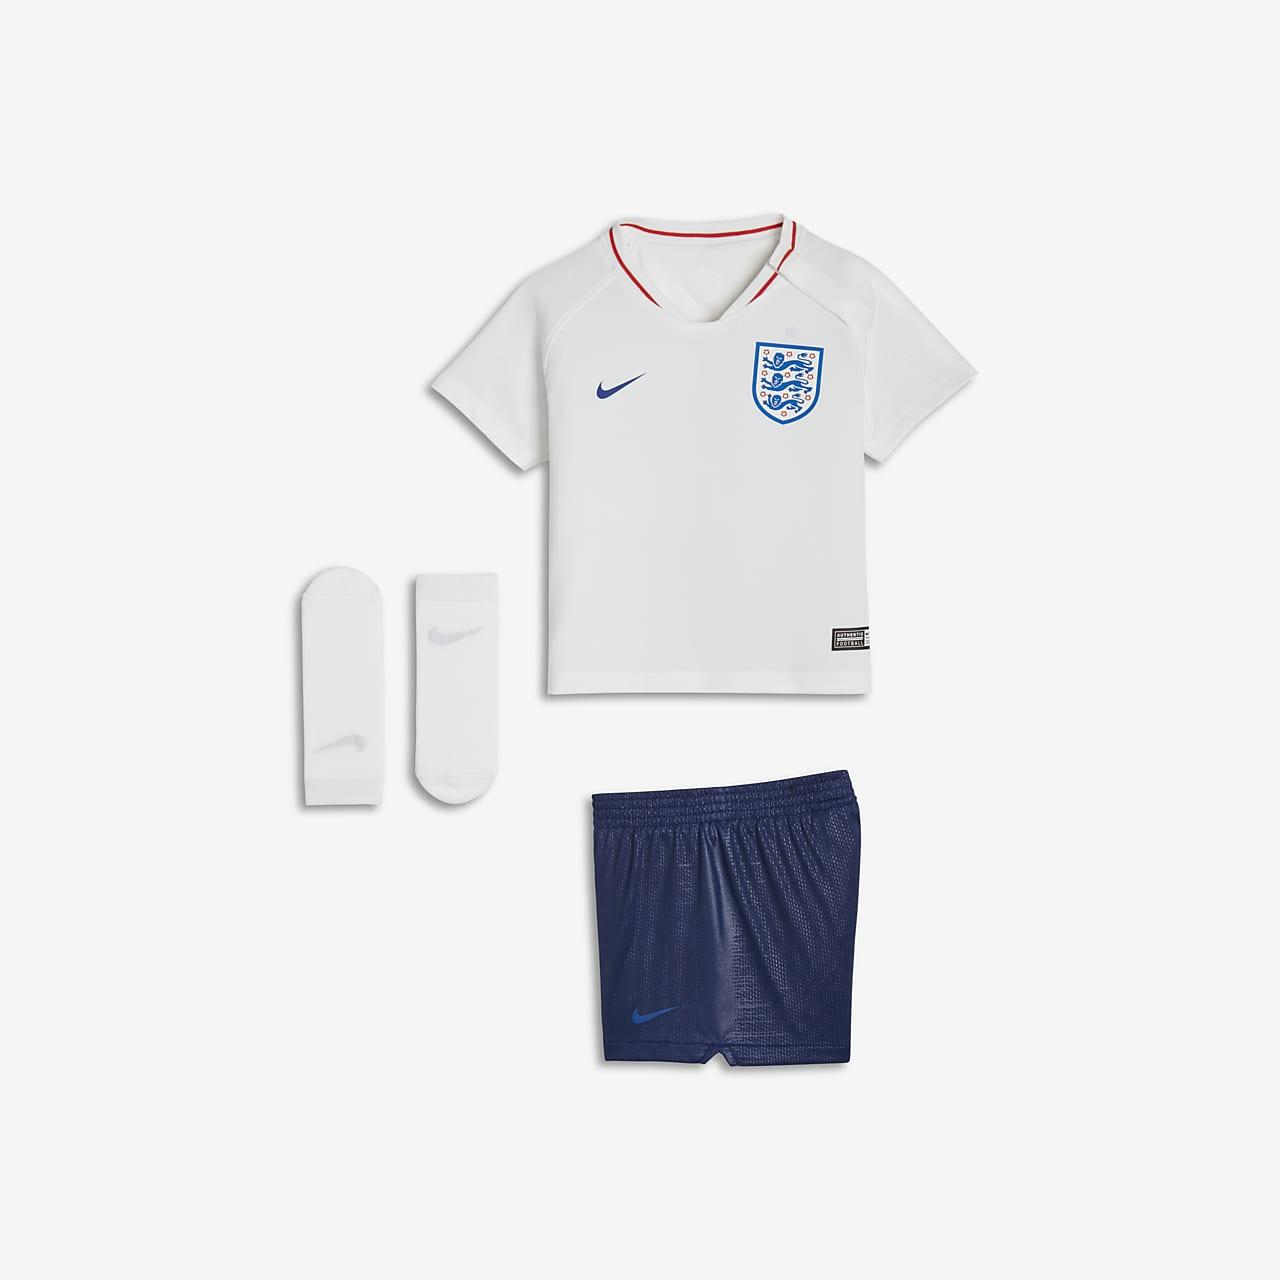 2018 England Stadium Home Fußballtrikot-Set für Kleinkinder